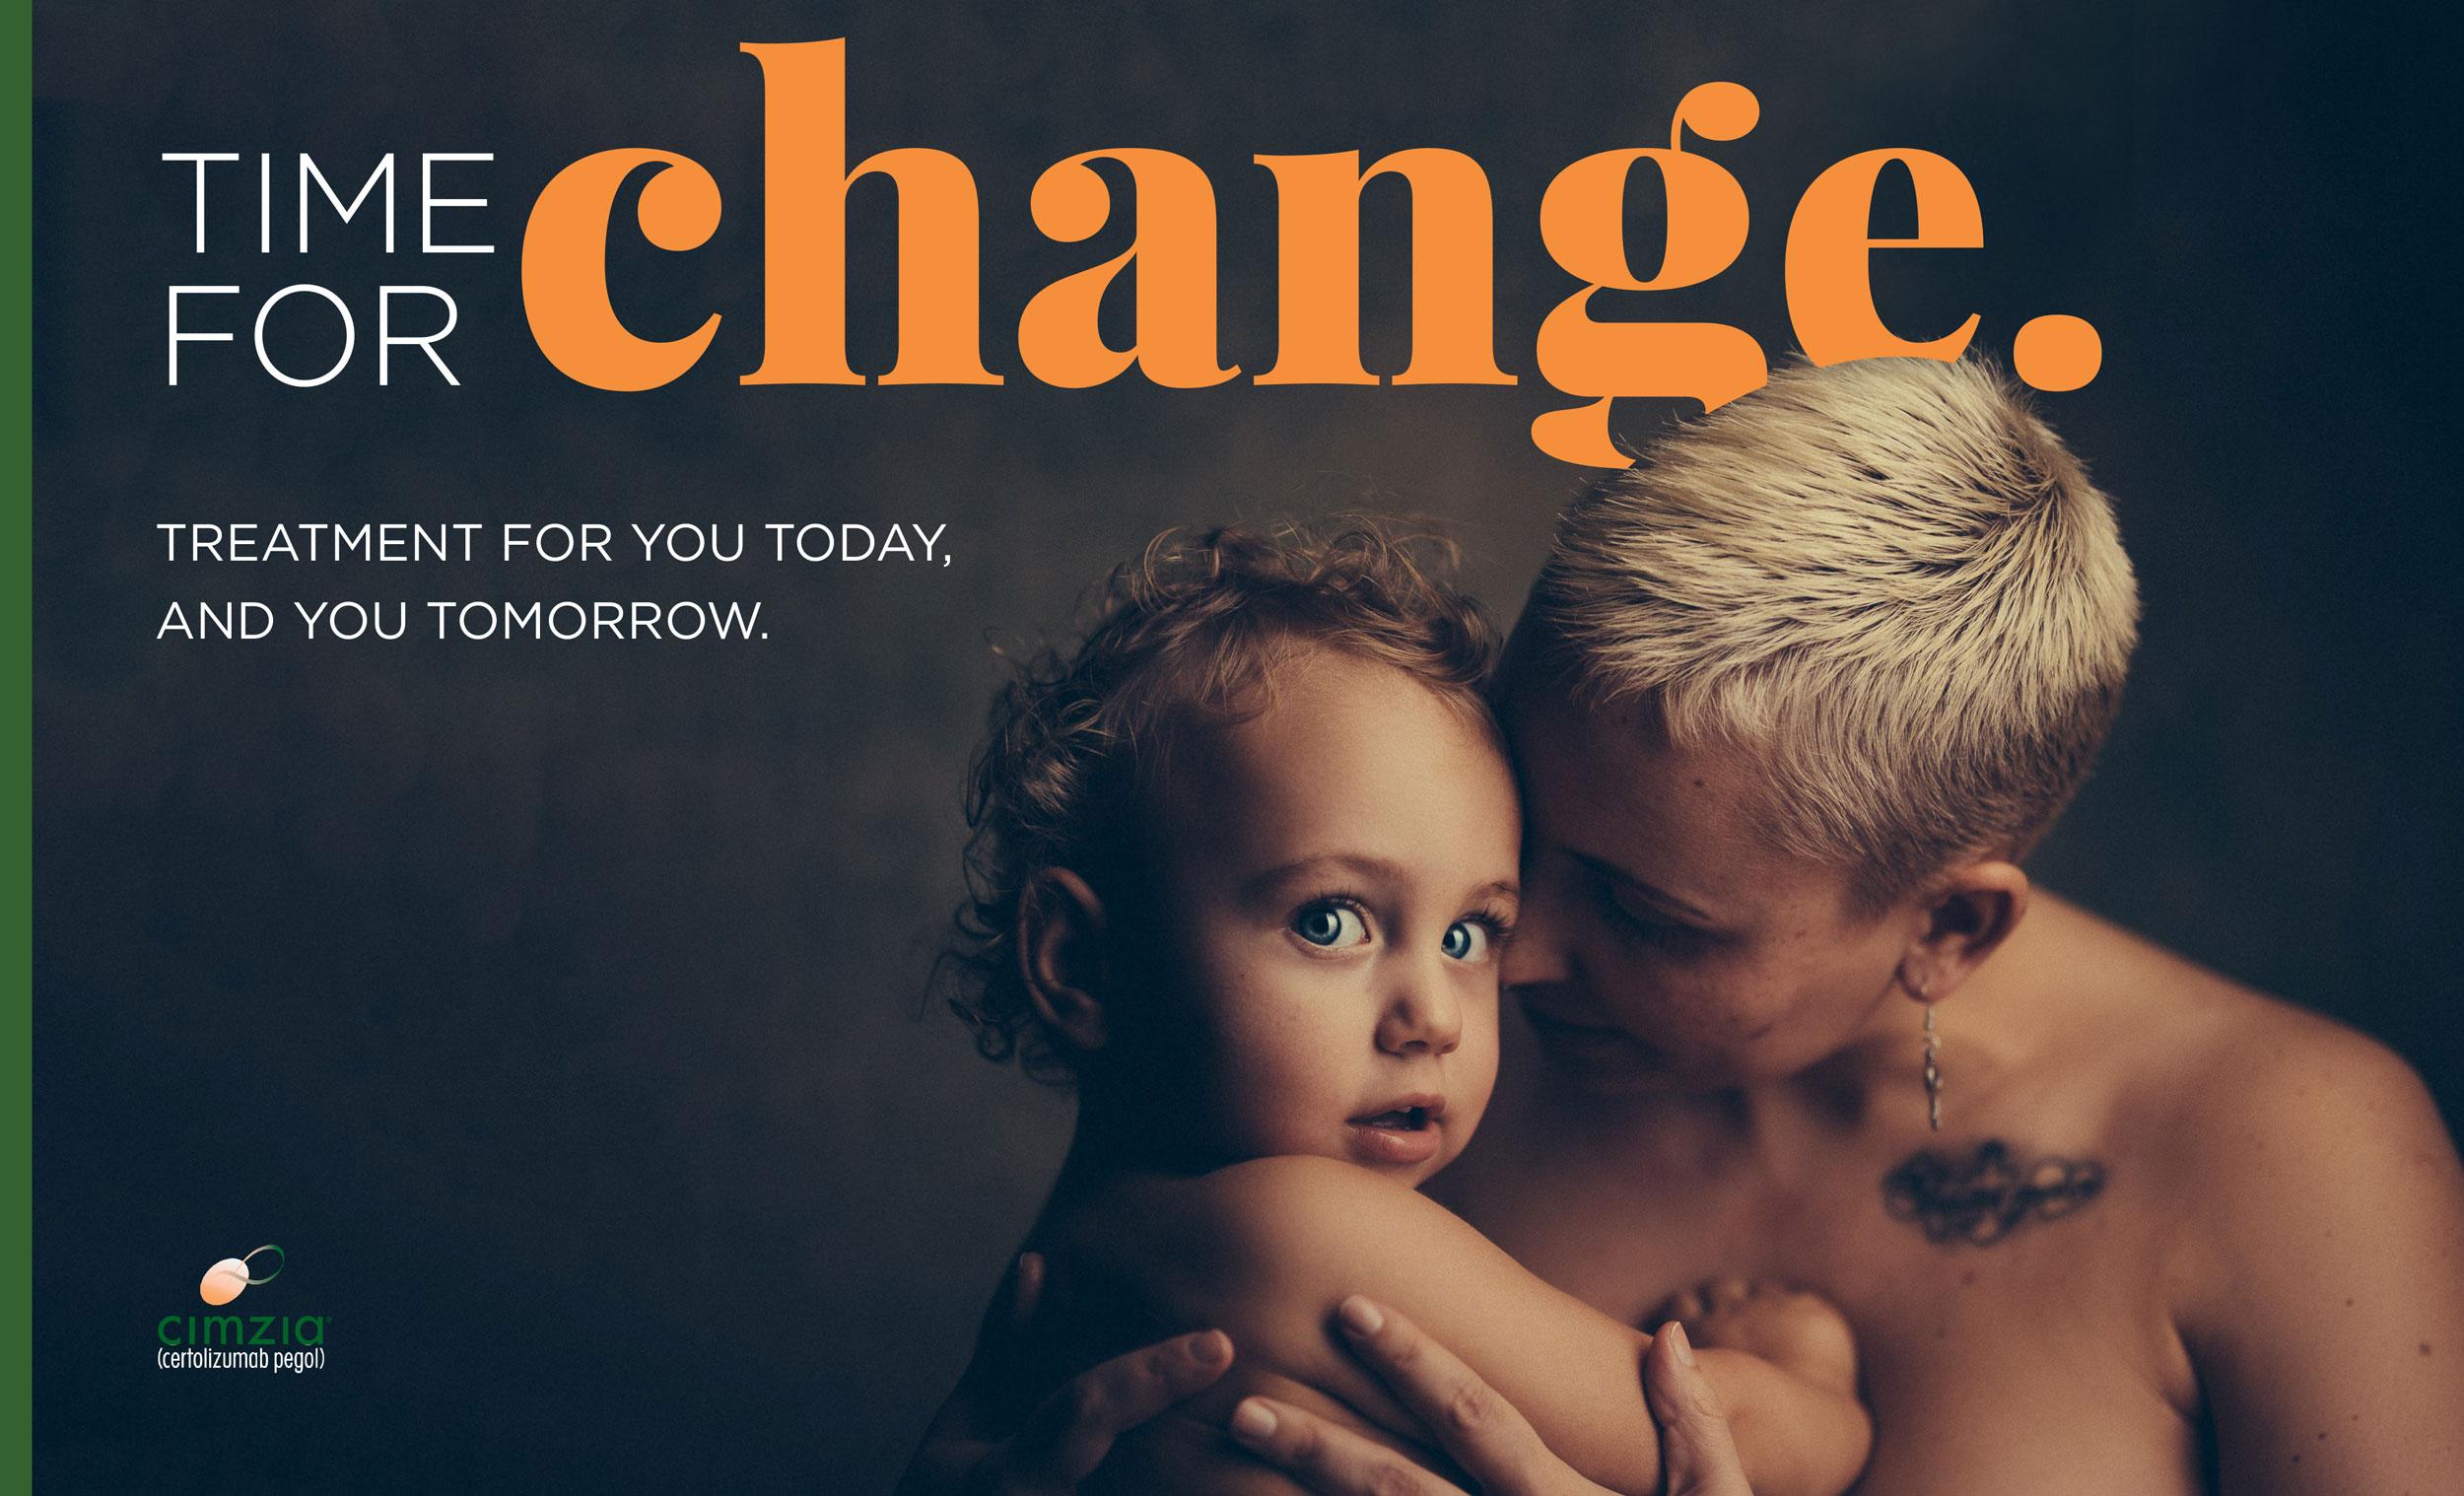 Cimzia_Time-for-Change_v1-5.jpg